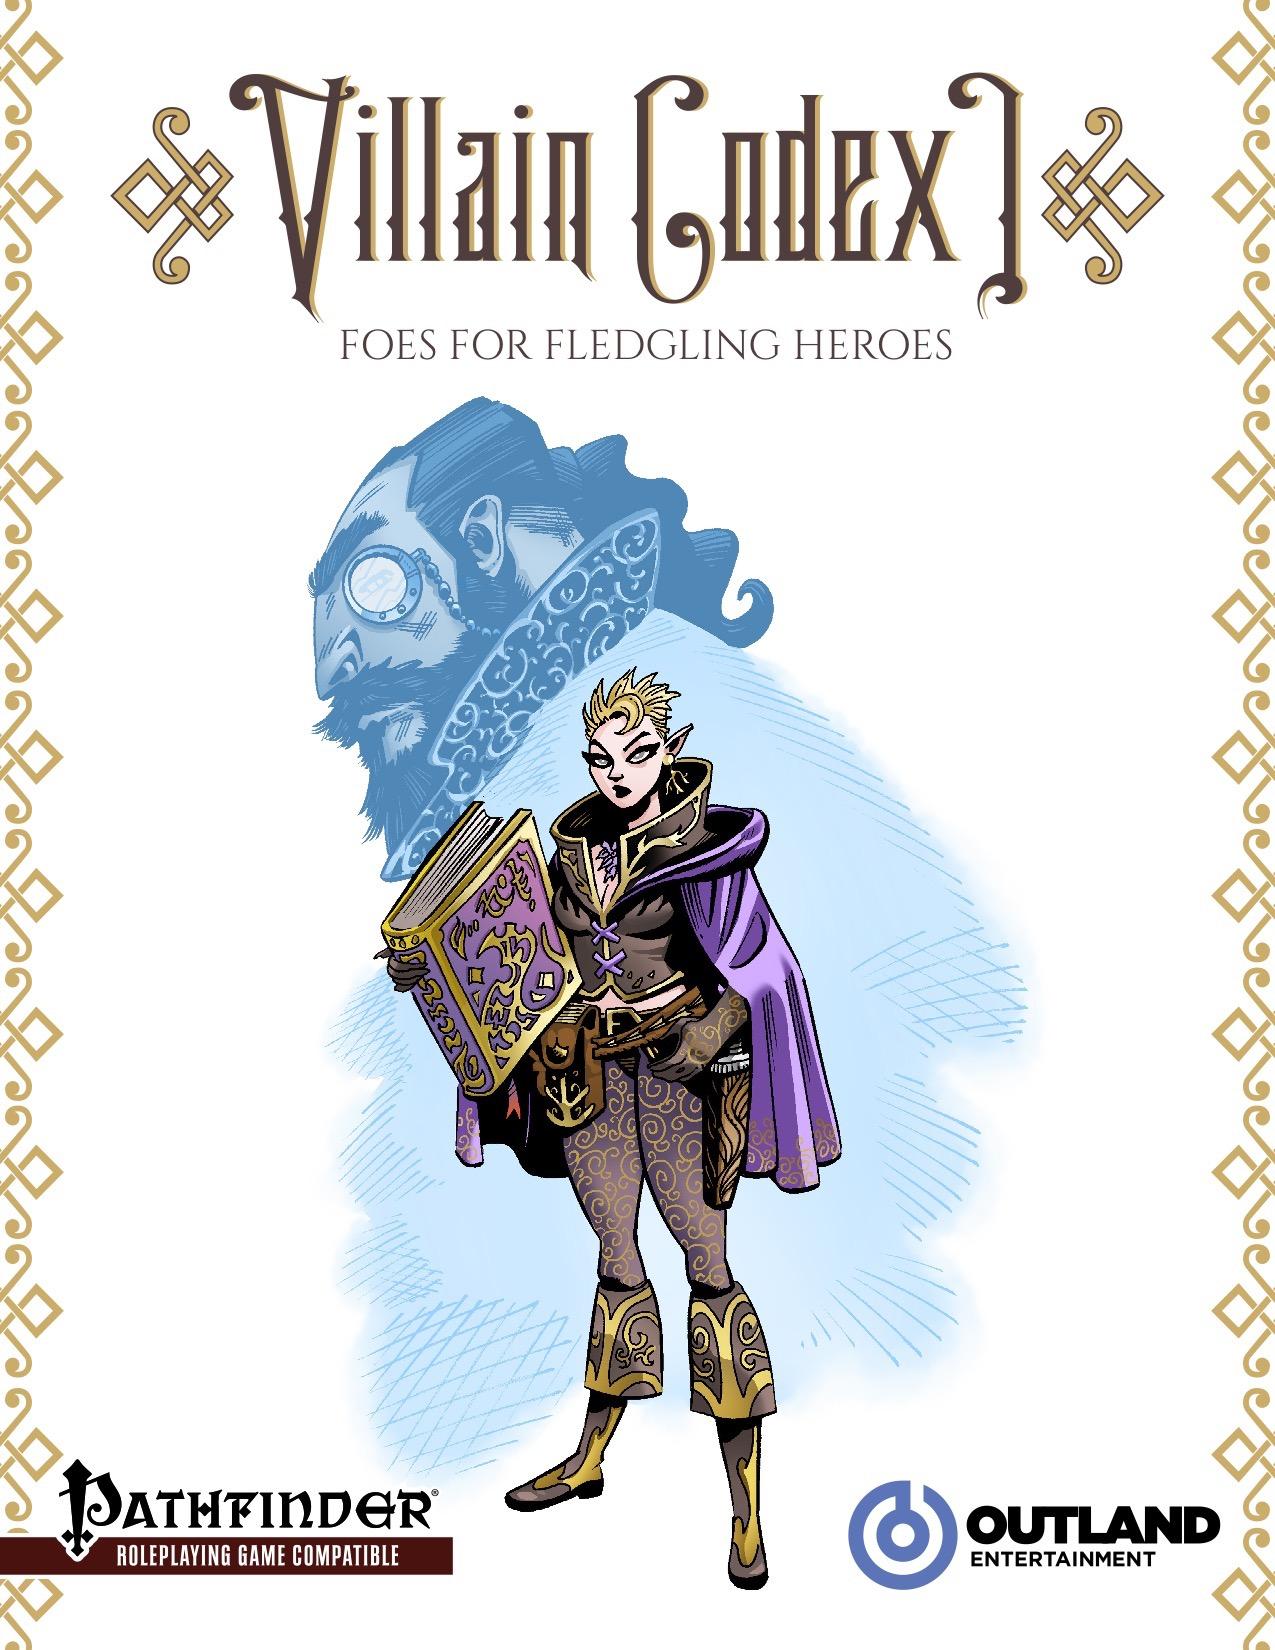 villan of harry potter